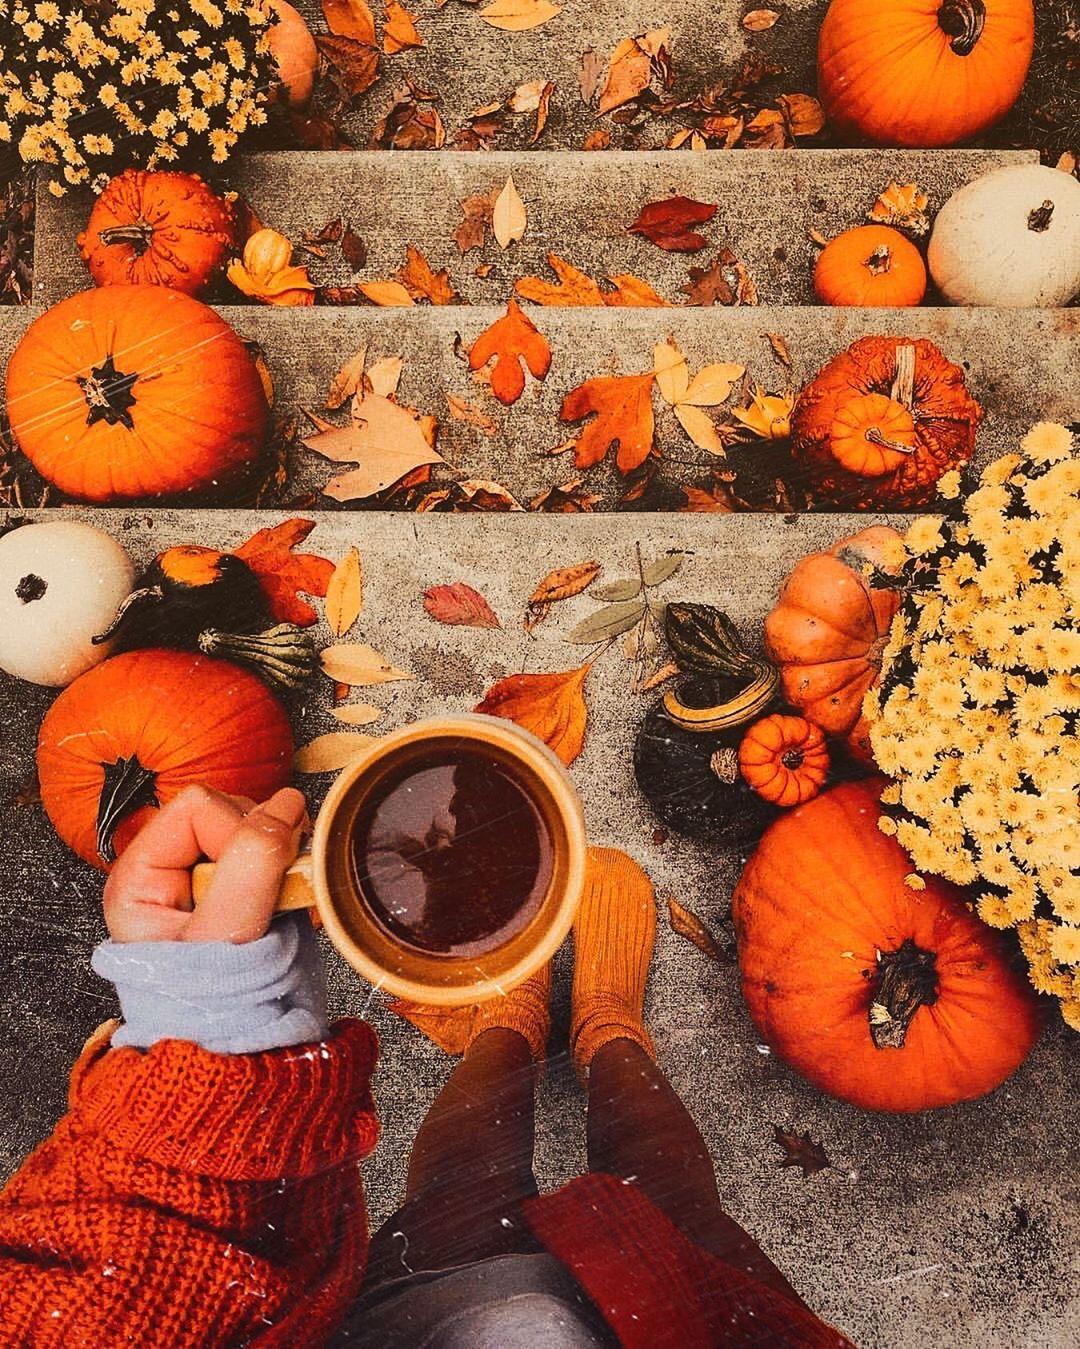 Colorful fall leafs #leafs #fall #autumn #fallseason